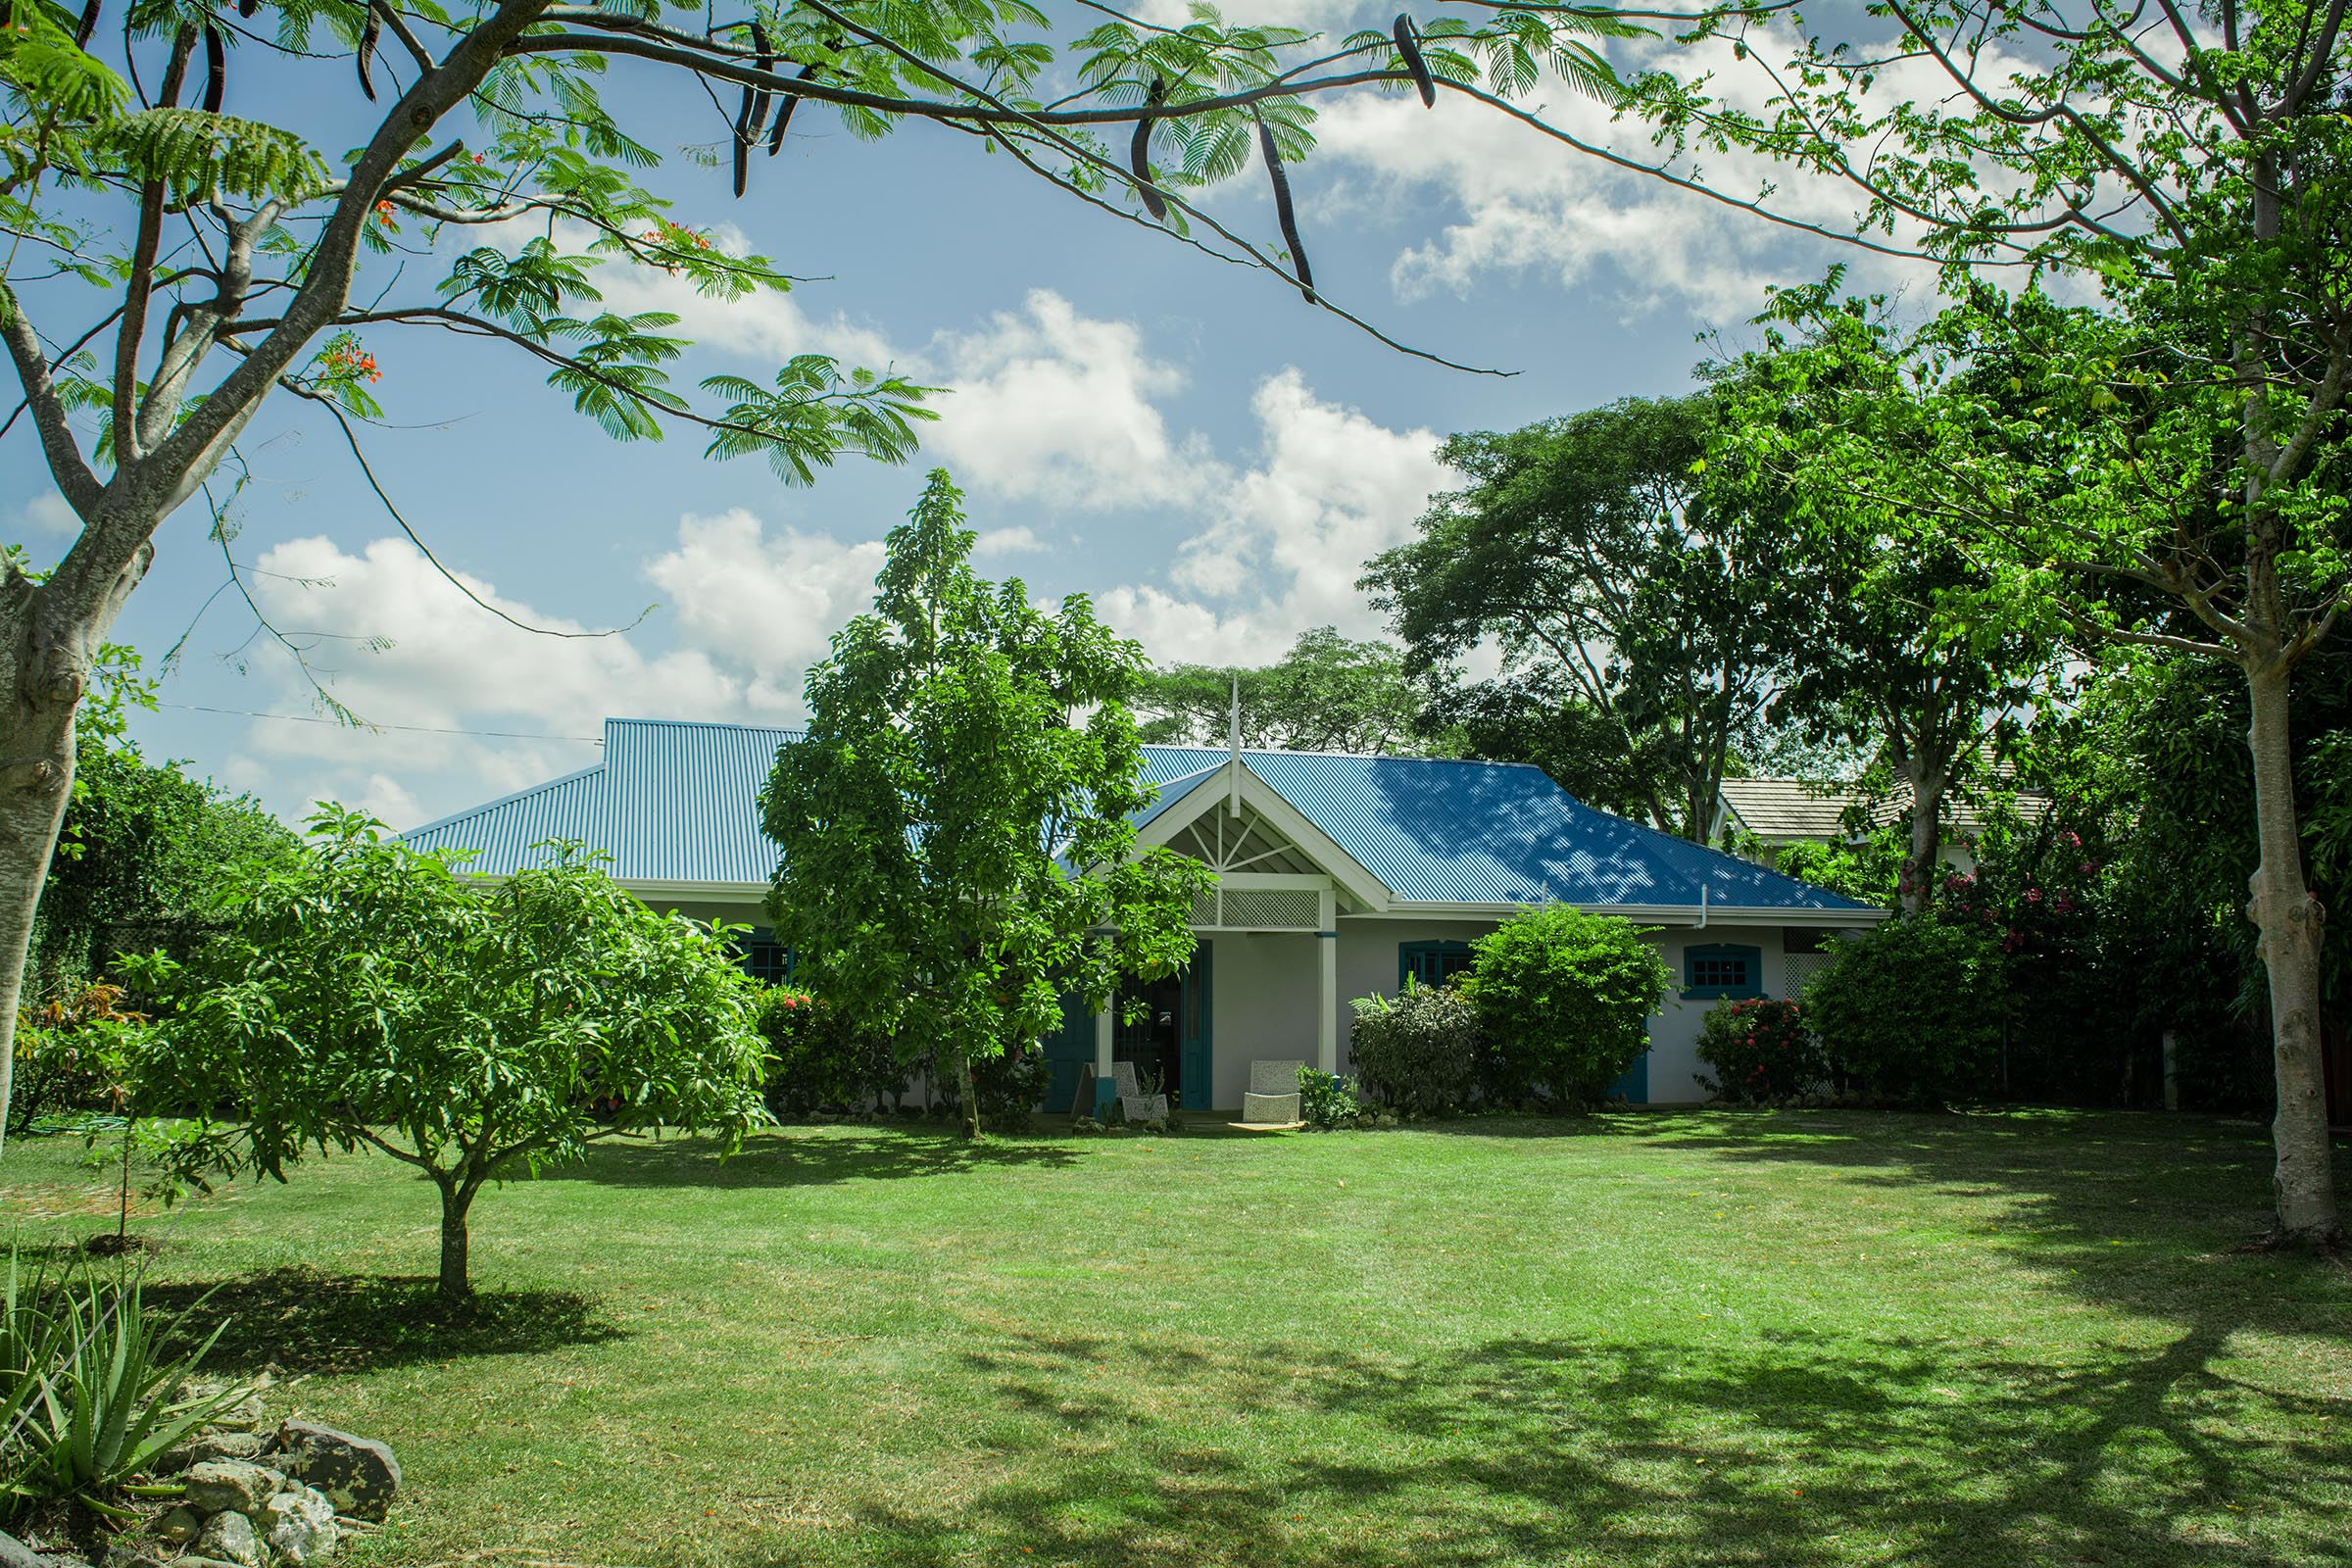 Licorish black rock villas Tobago Spacious Frontyard